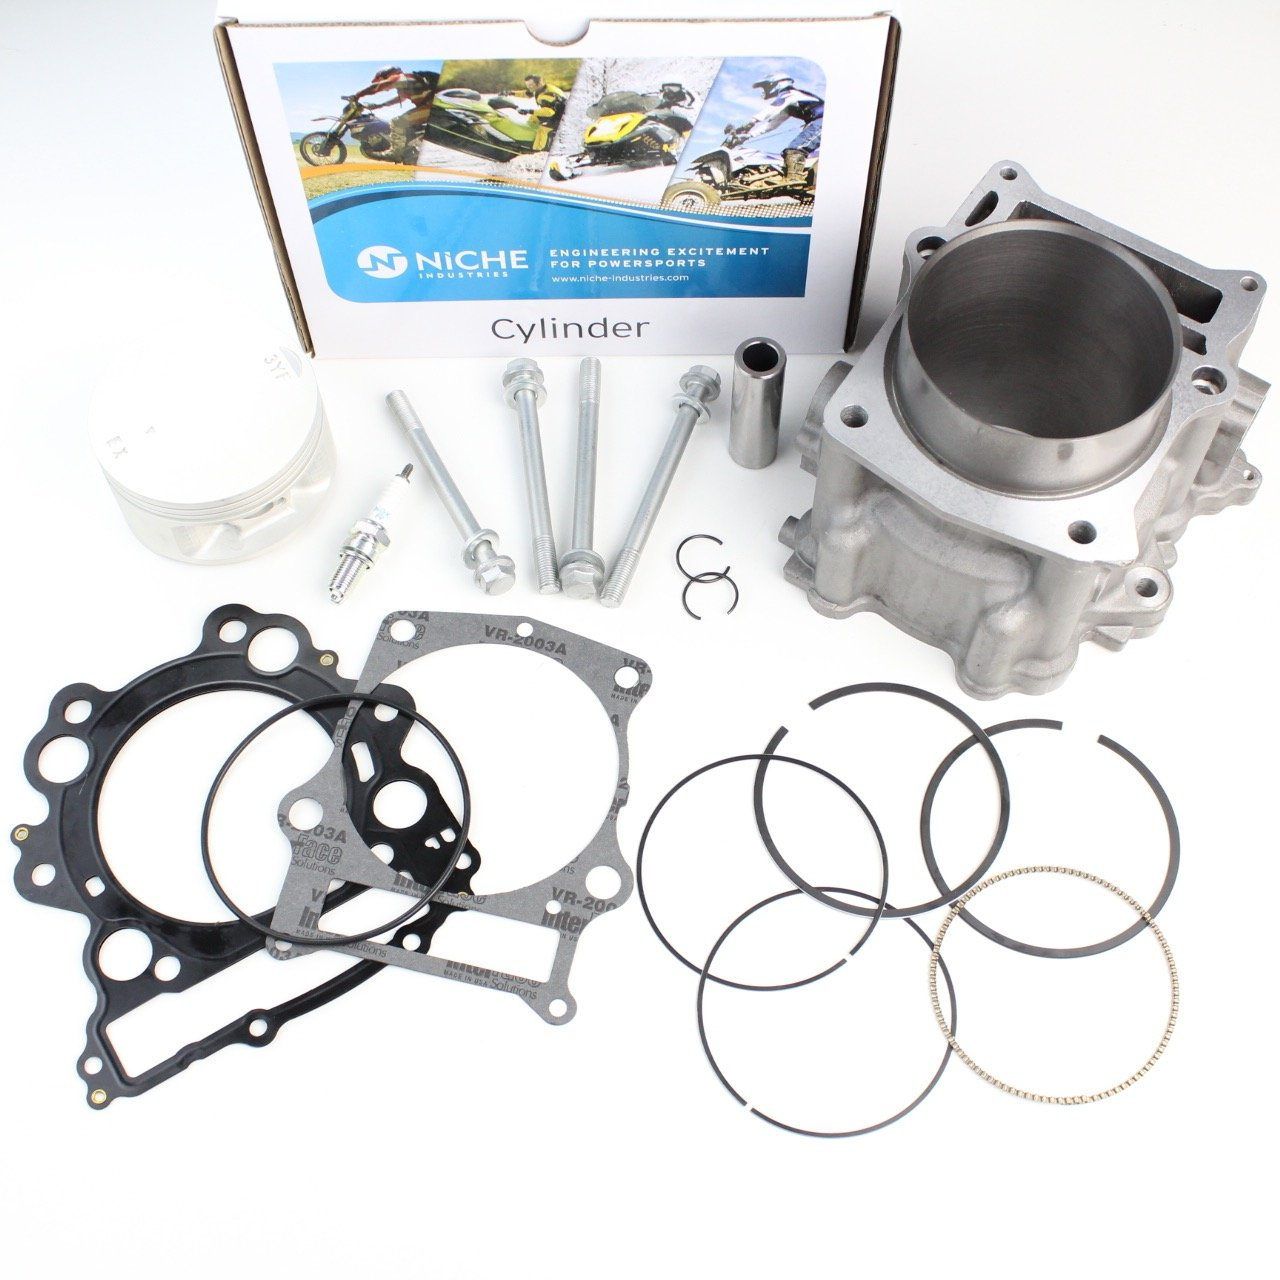 NICHE Cylinder Piston Gasket Top End Rebuild Kit for Yamaha Raptor 660R 2001-2005